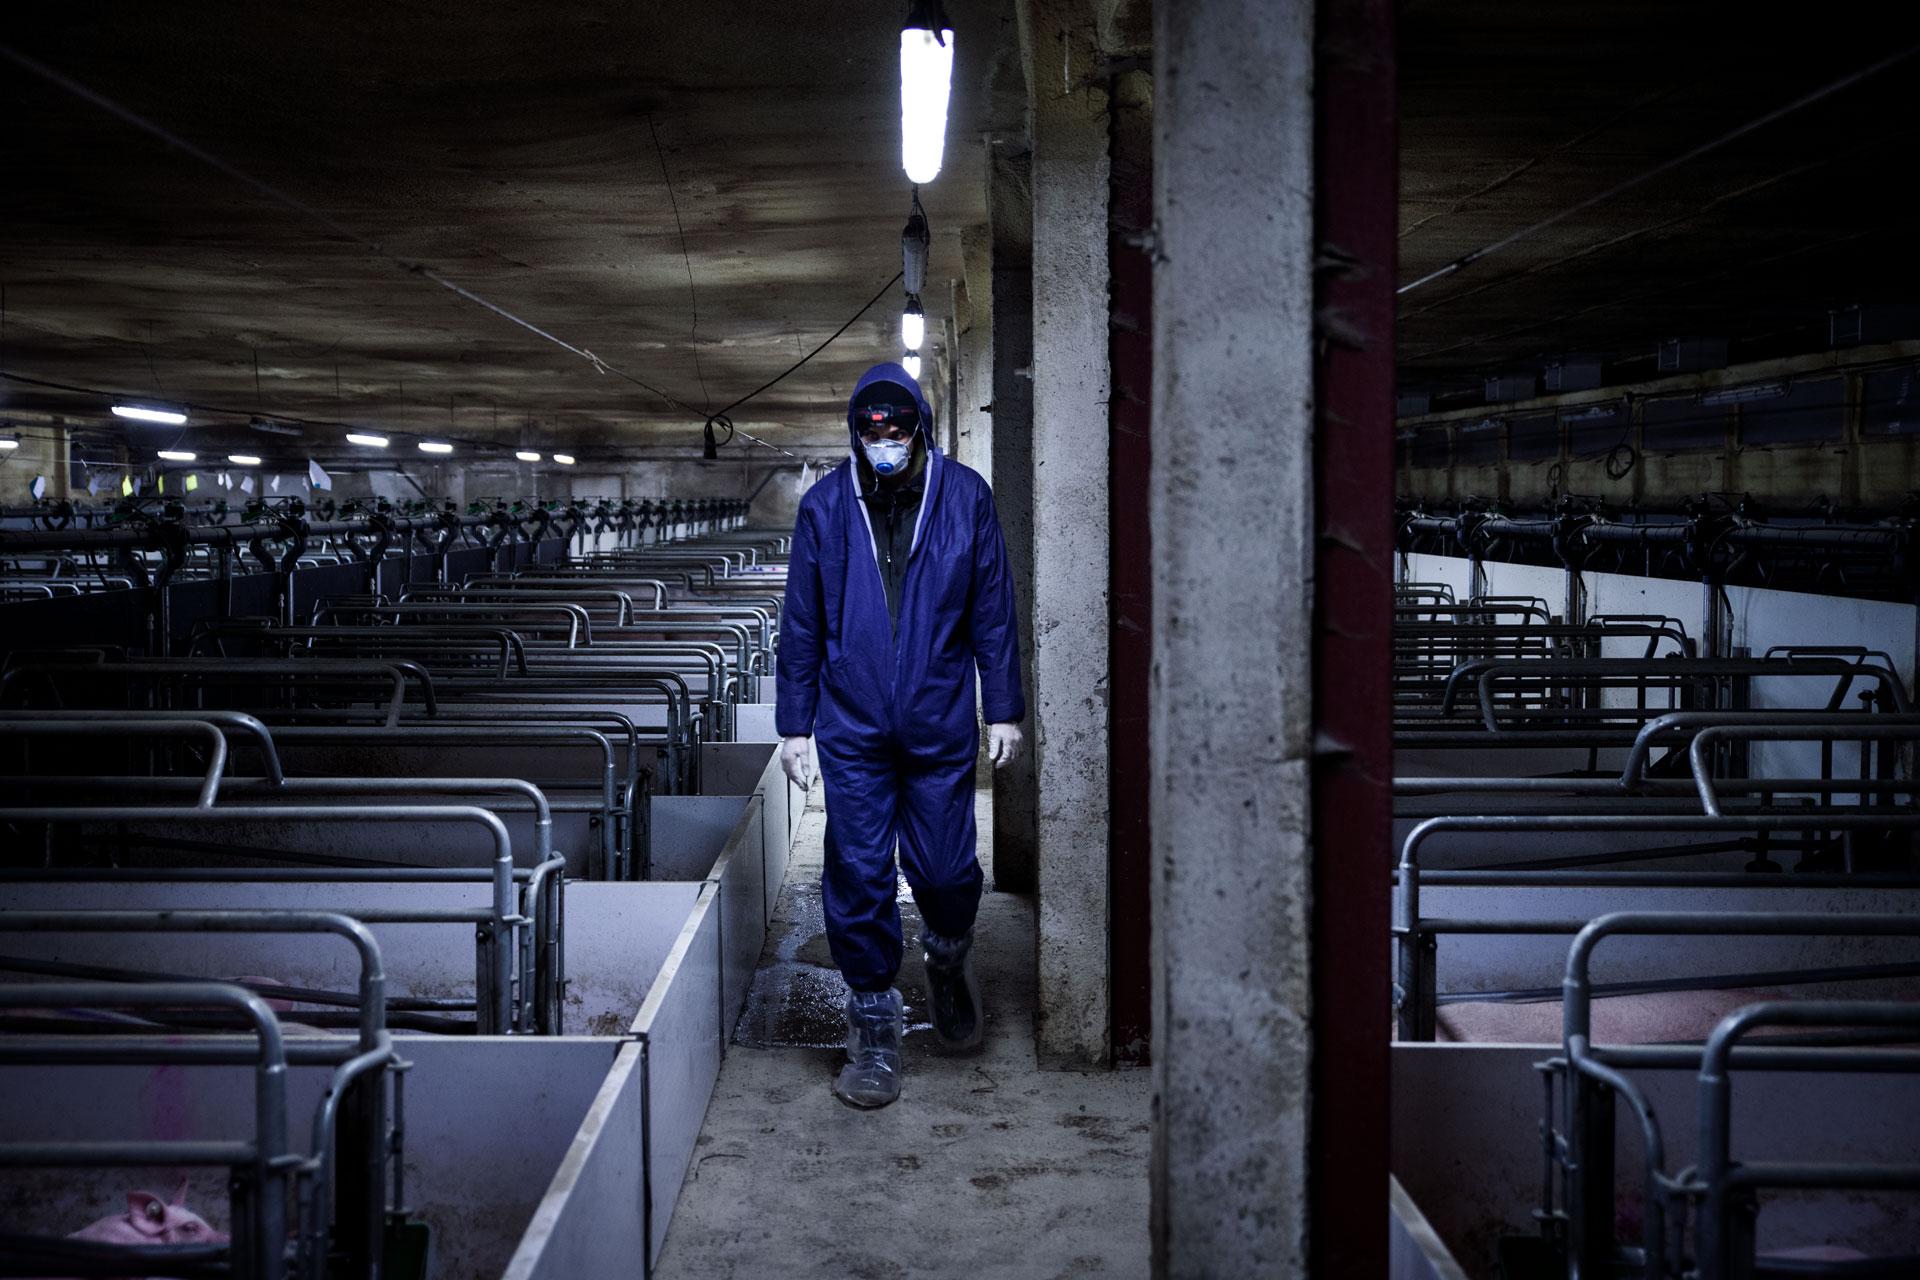 timo-stammberger-massentierhaltung-mastanlage-factory-farming-schweine-pigs-animal-rights_18